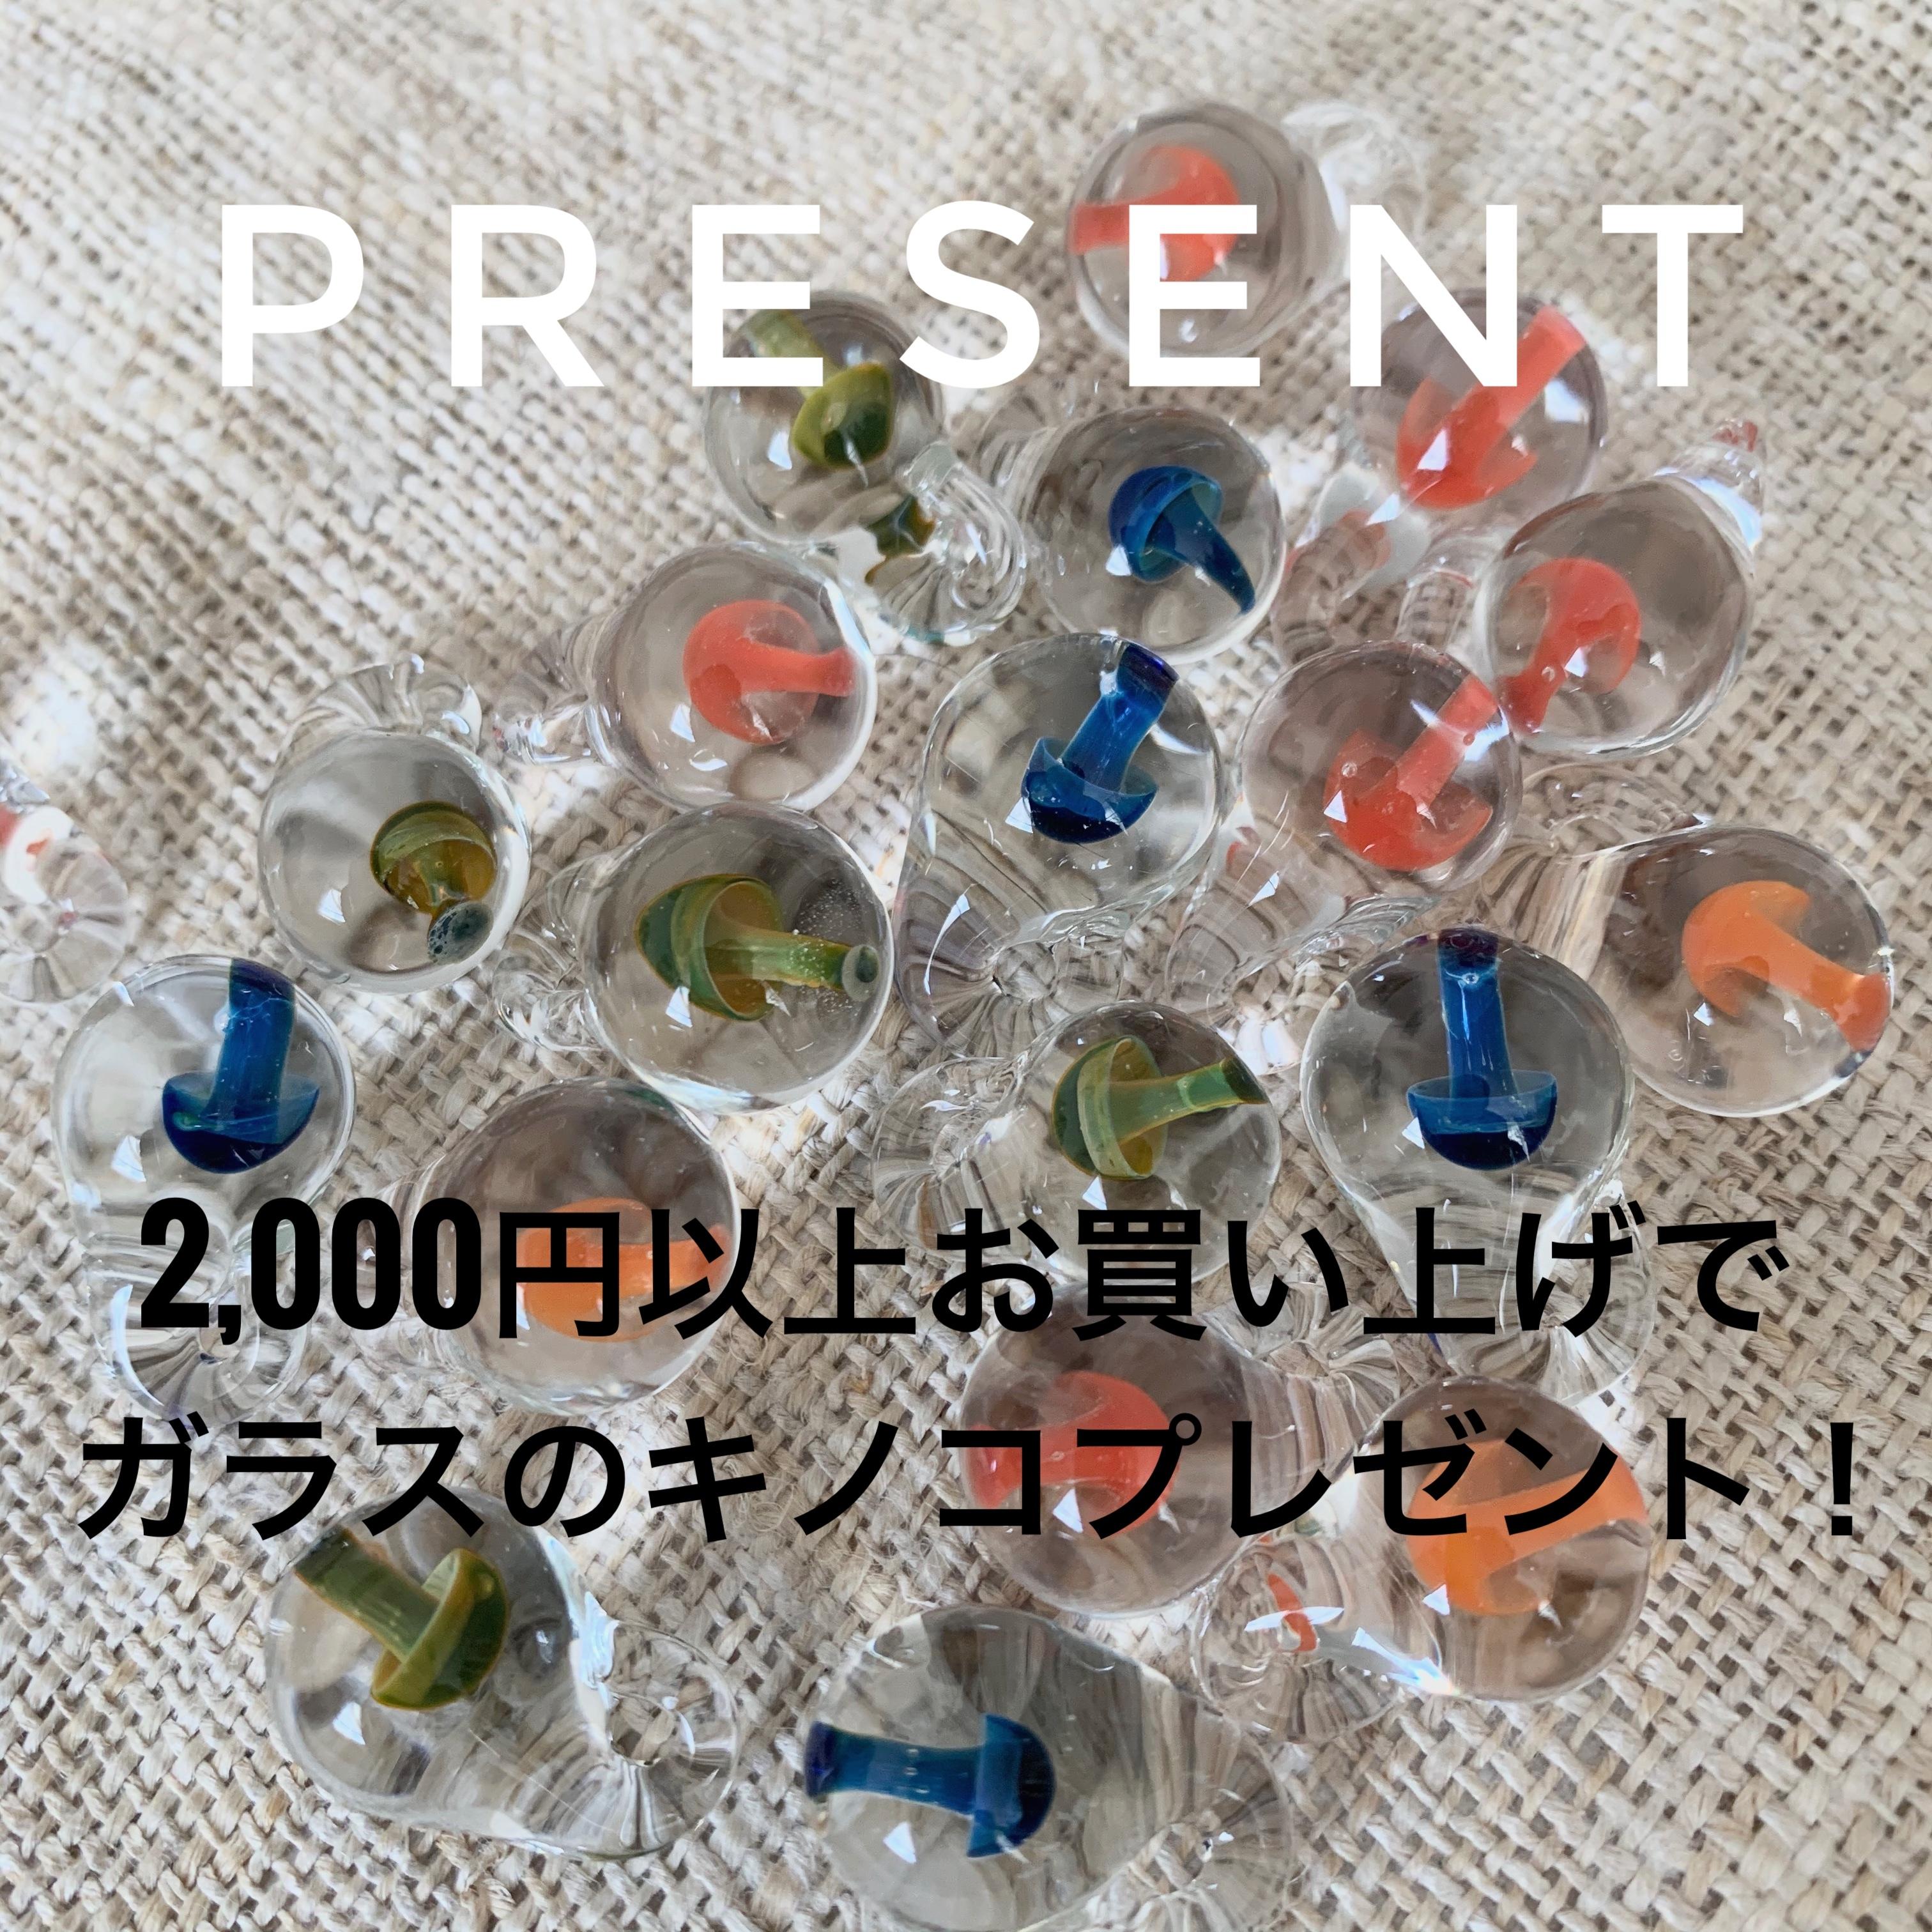 ☆PRESENTその2☆ 2,000円以上お買い上げの方先着20名様にプレゼント!